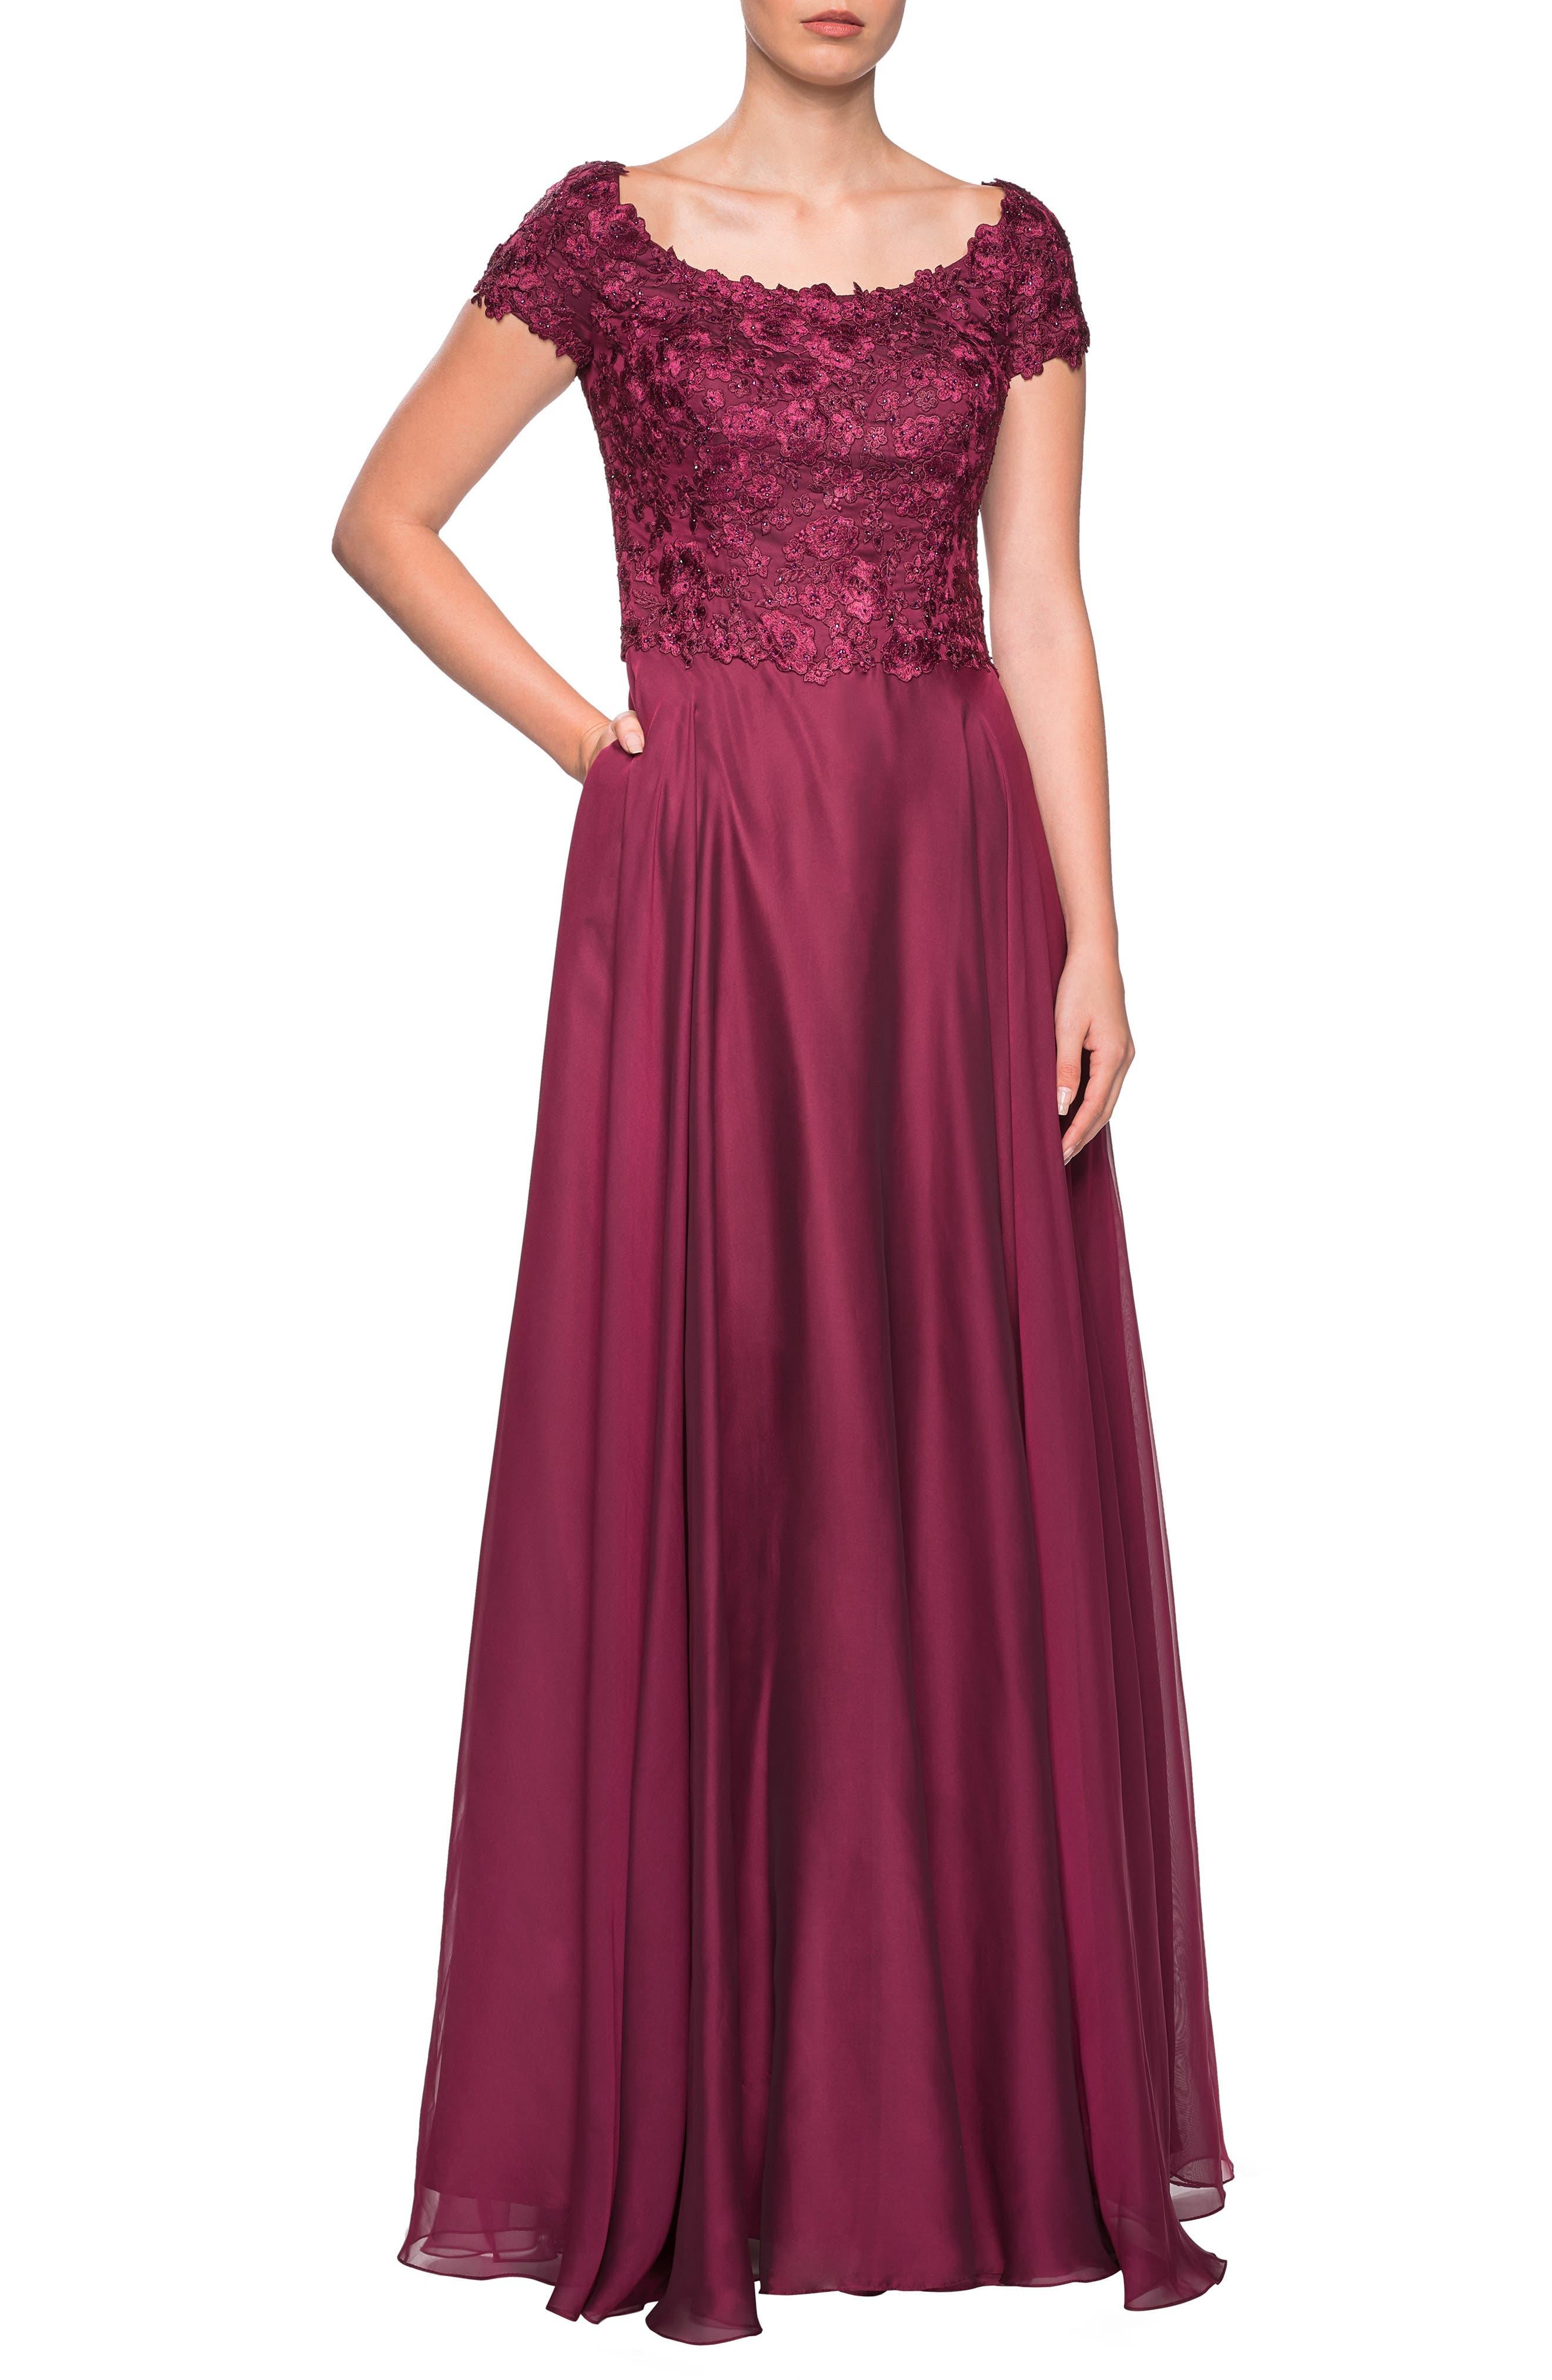 LA FEMME Embellished Lace & Chiffon Gown in Garnet